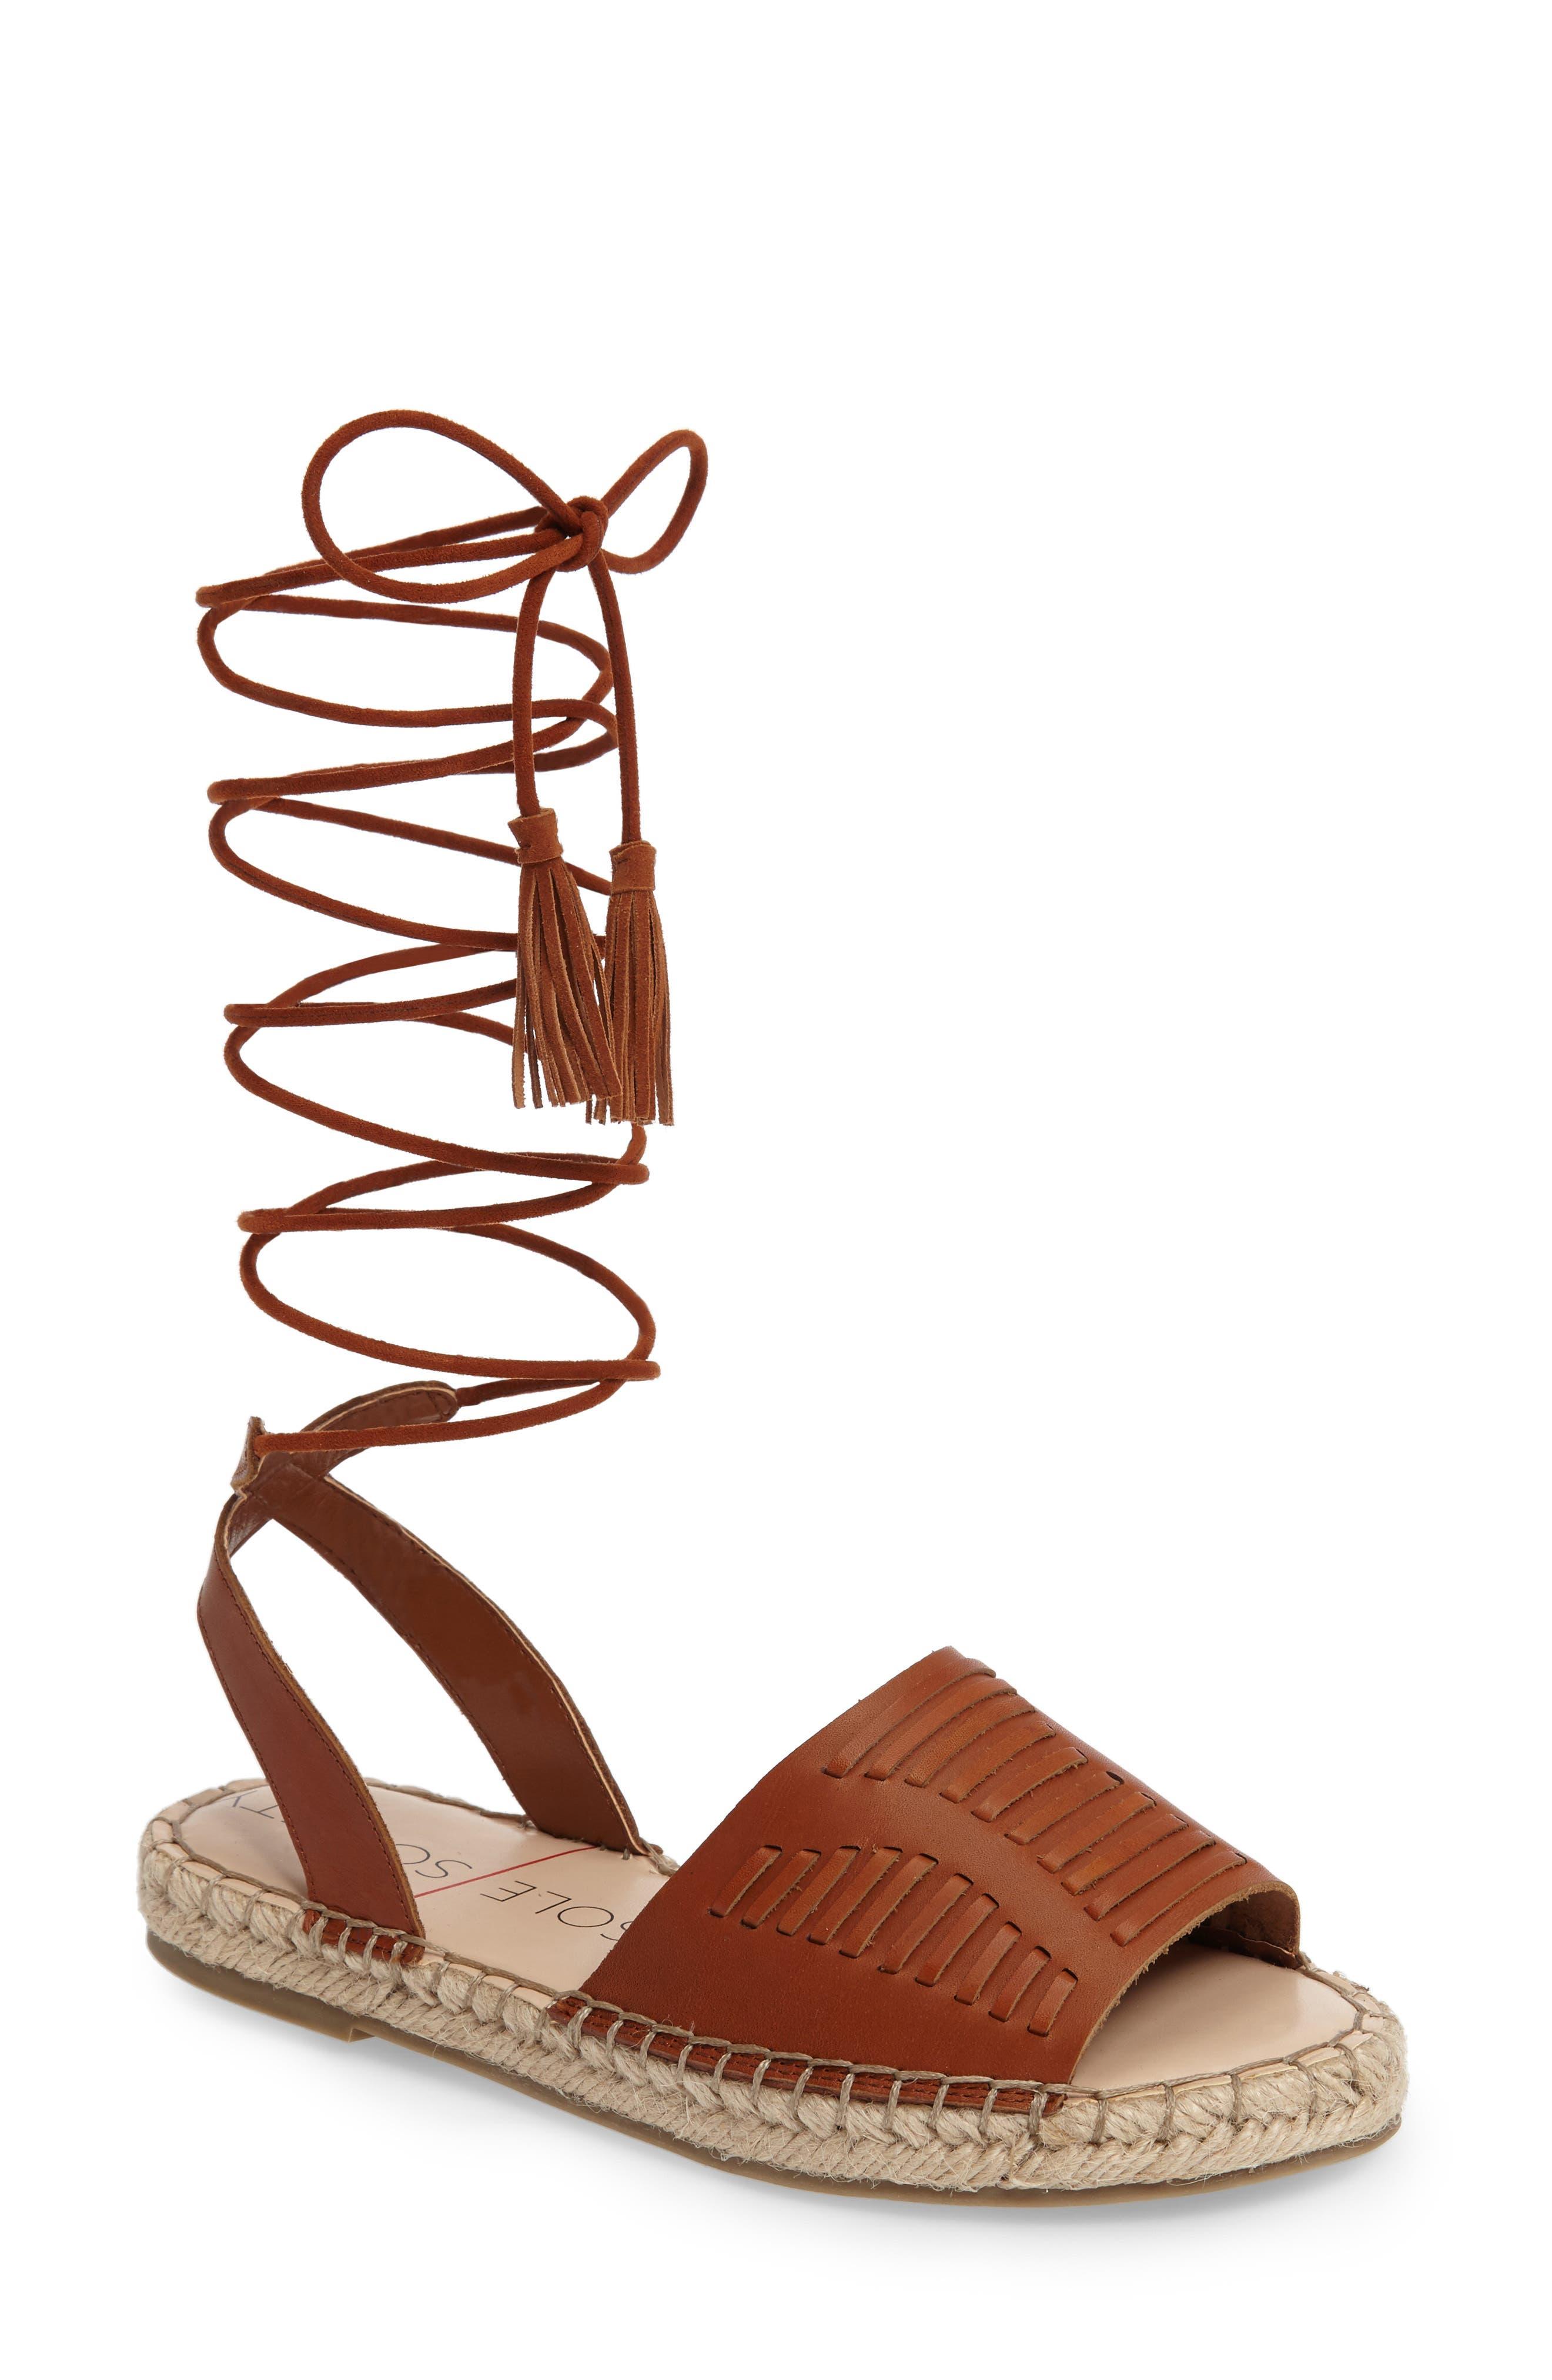 Clover Ankle Wrap Espadrille Sandal,                             Main thumbnail 1, color,                             212